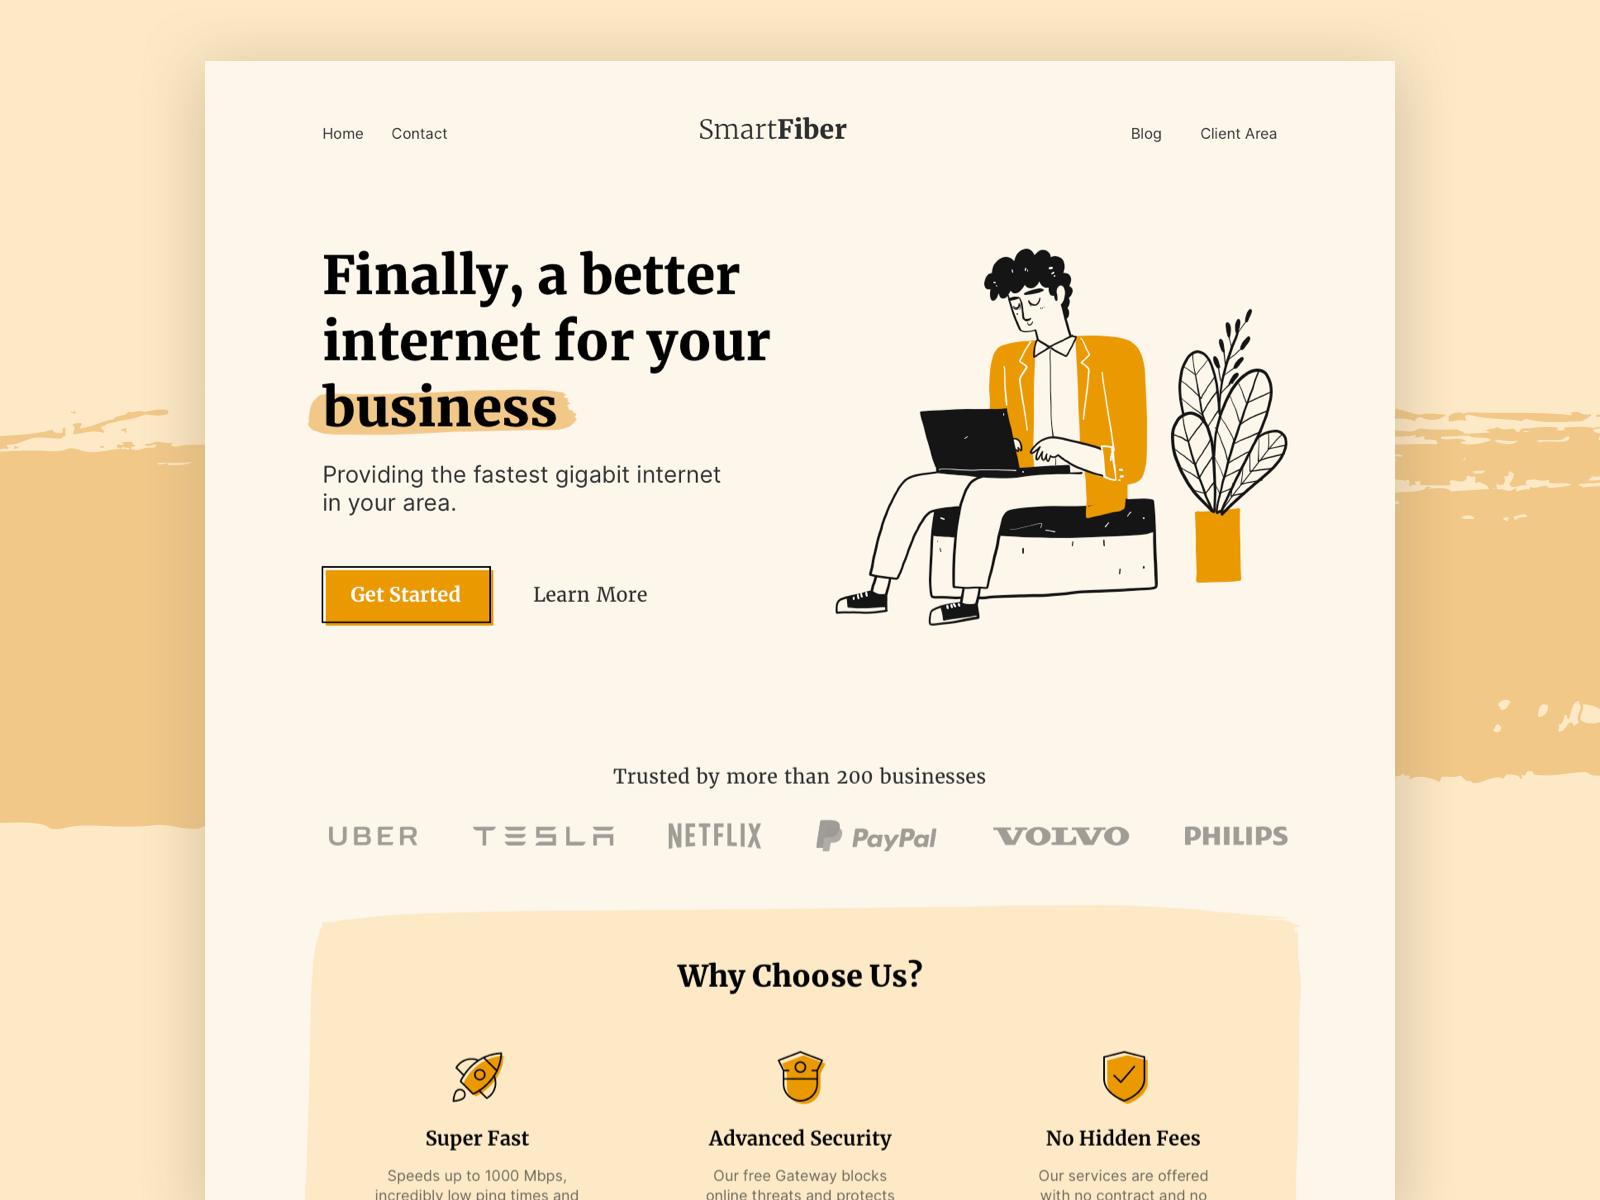 SmartFiber - Landing Page Concept